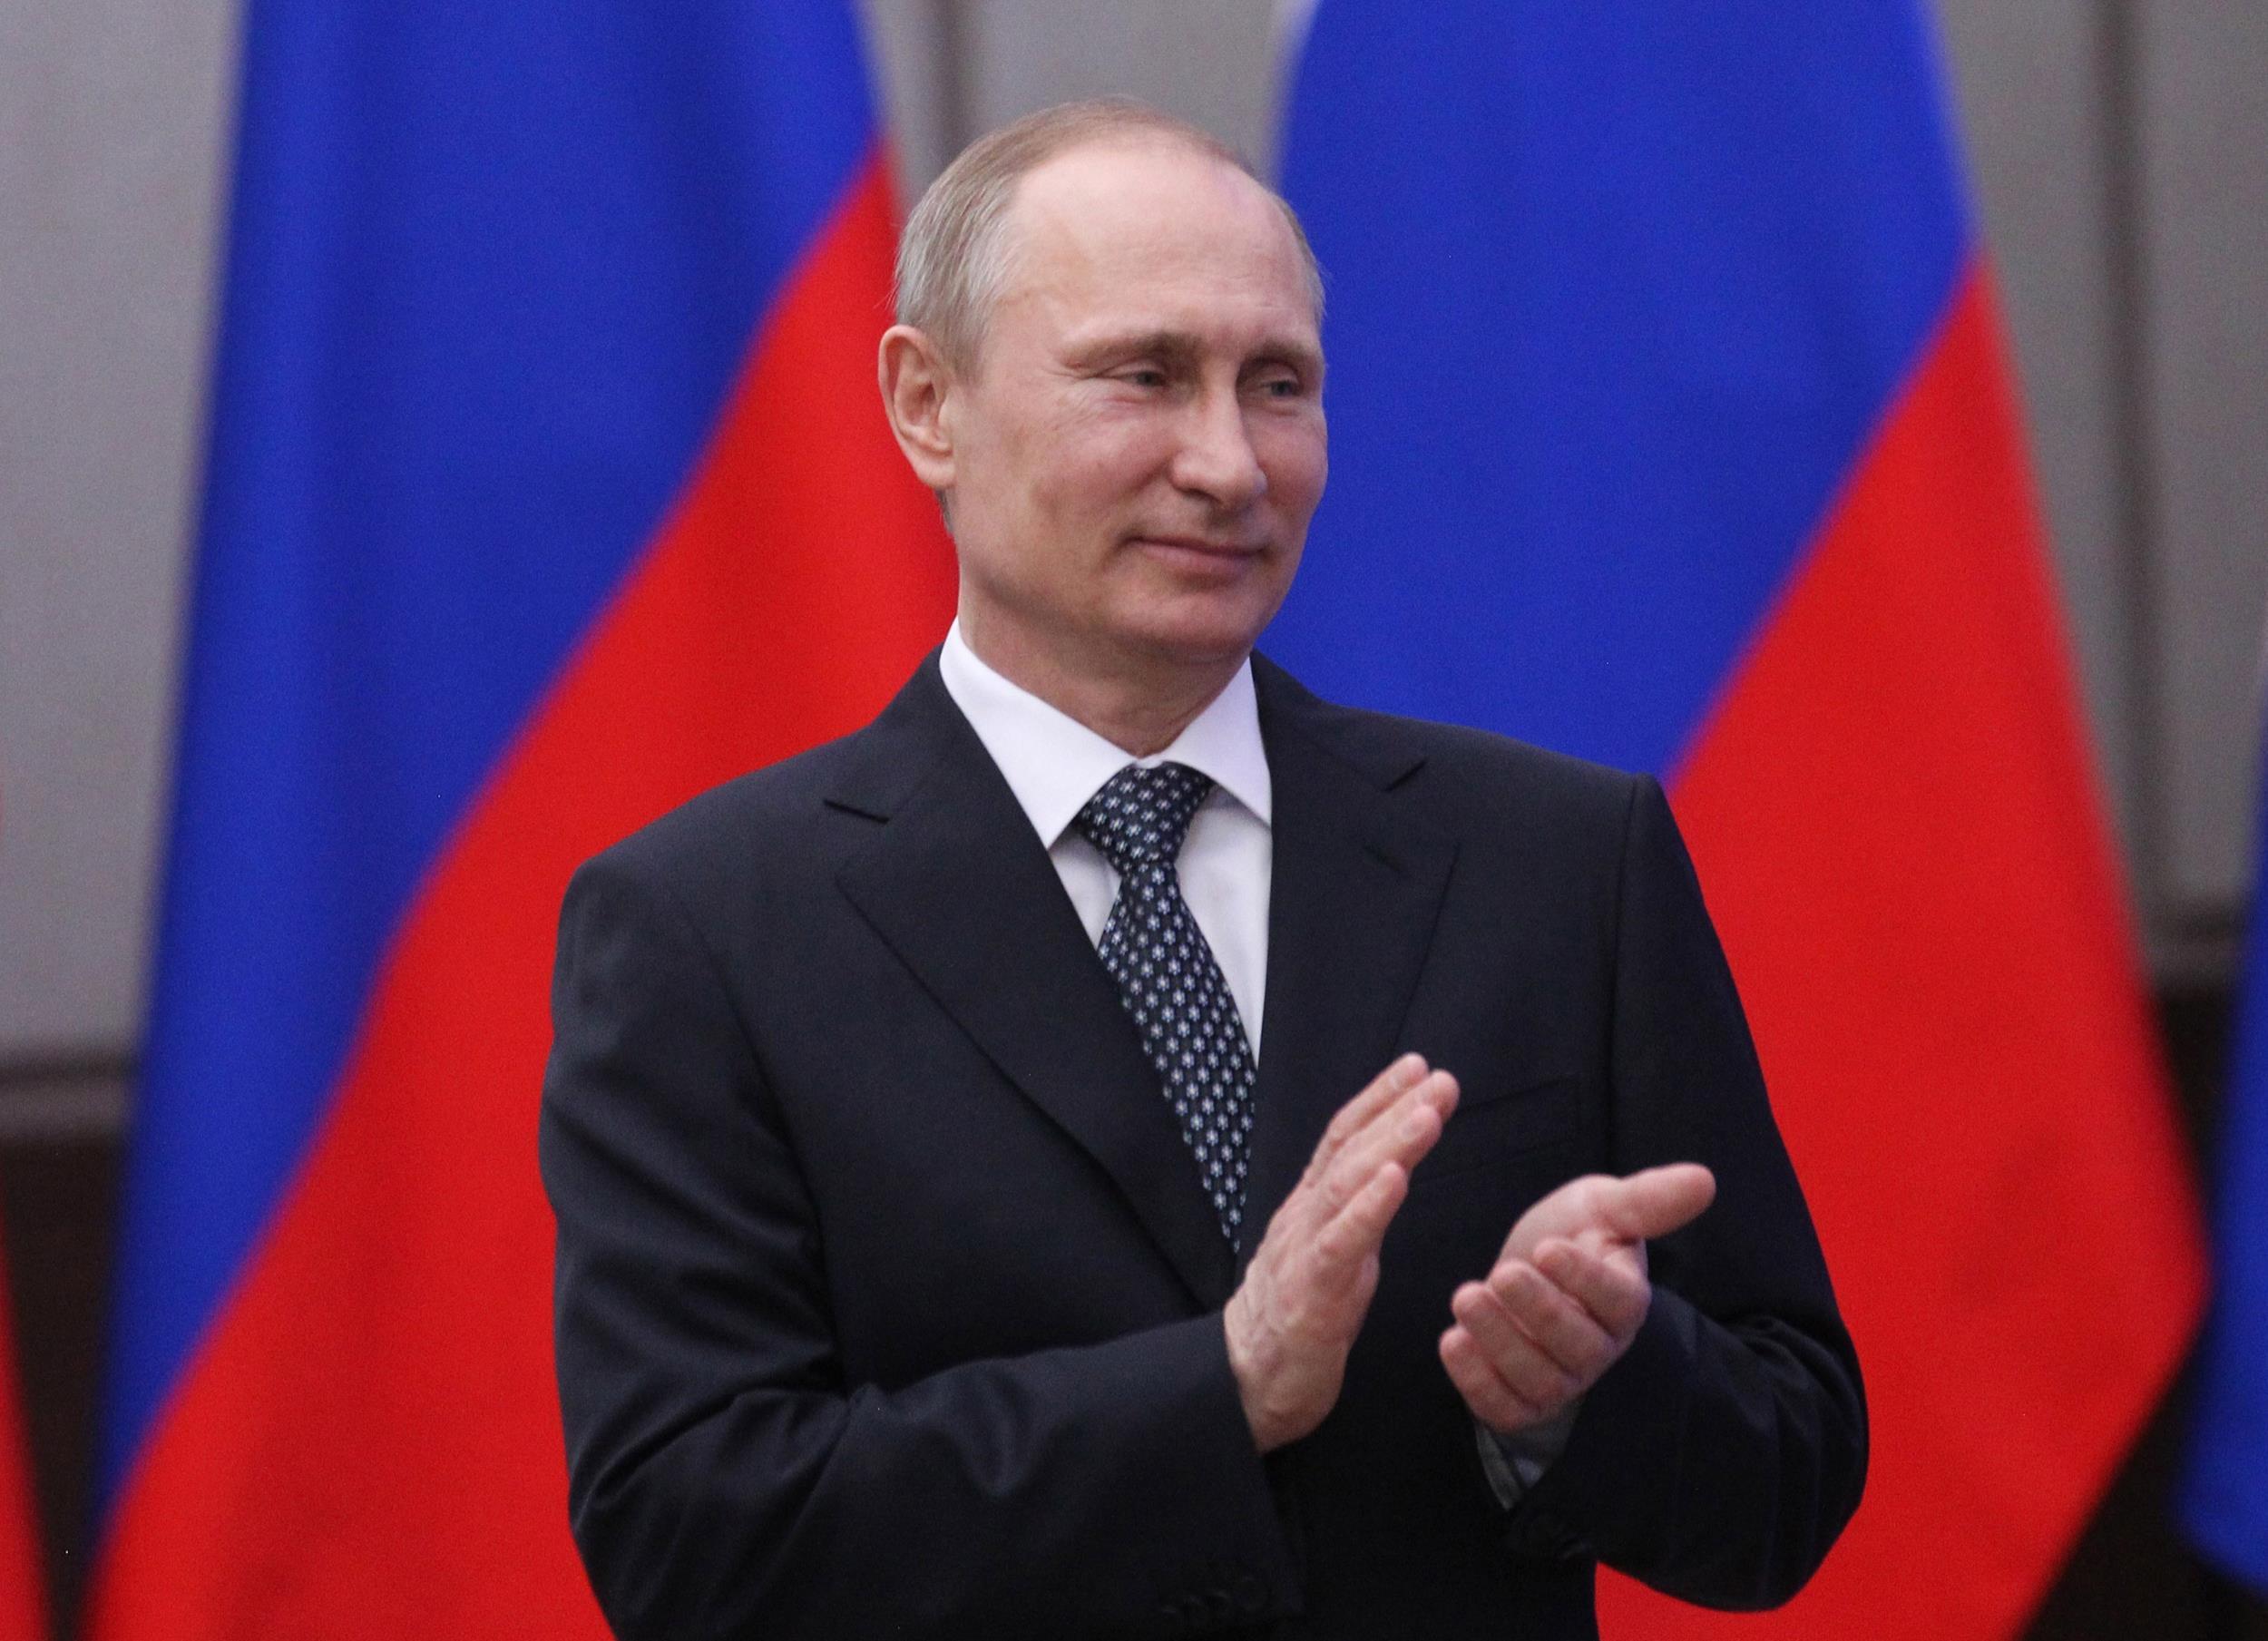 Forbes: Putin